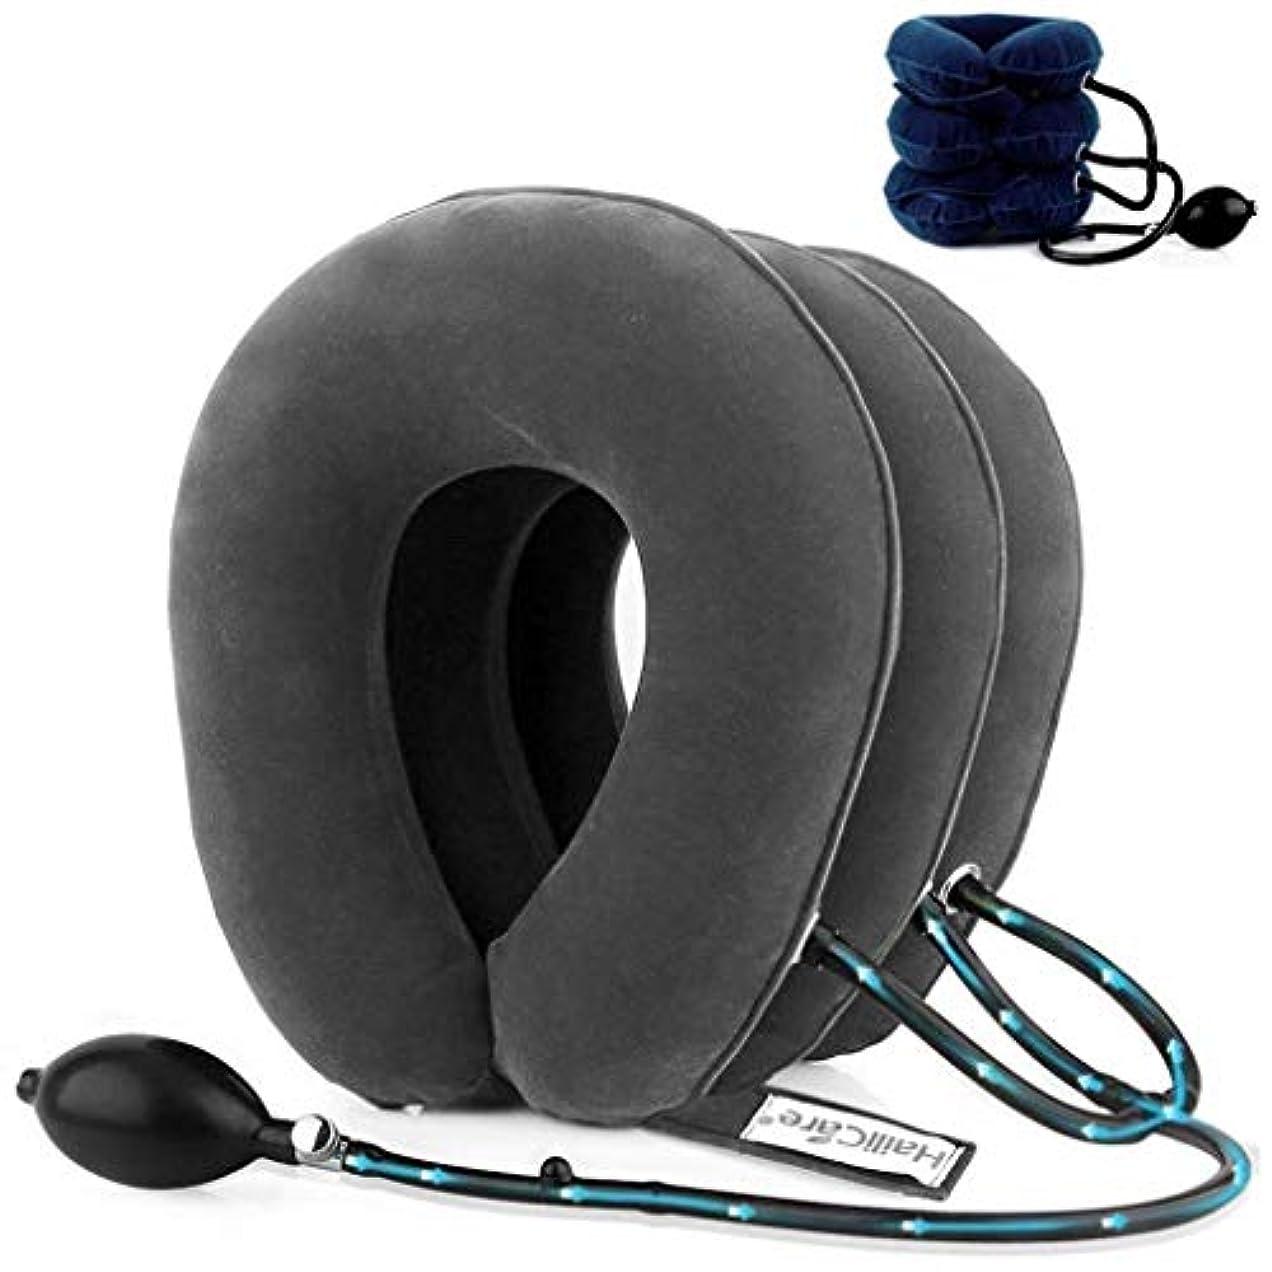 首のマッサージャー、膨脹可能なマッサージの首の枕、頚部牽引装置、背部/肩の首のマッサージャー、ヘルスケア、苦痛救助/圧力 (Color : Gray)